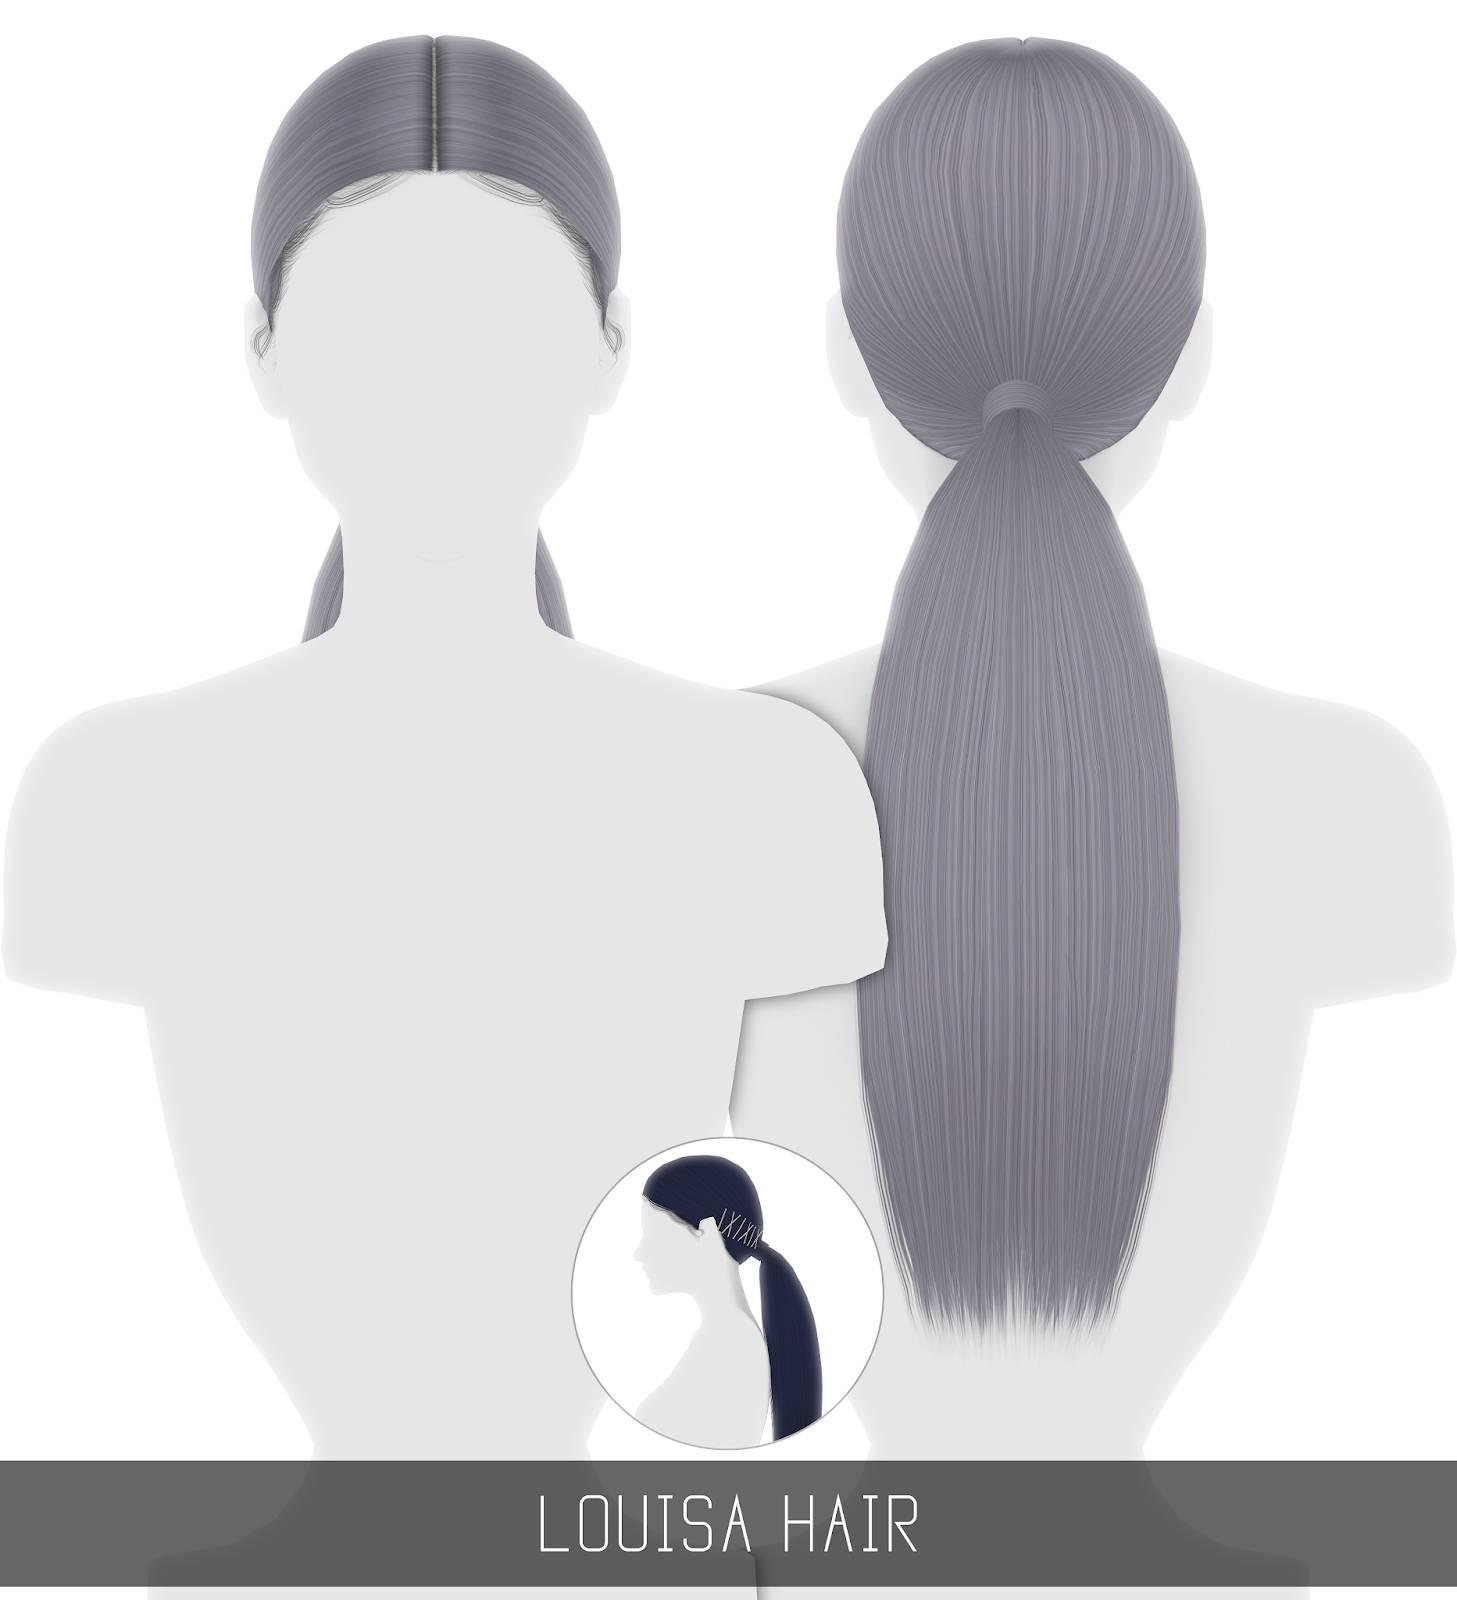 Женская прическа - LOUISA HAIR